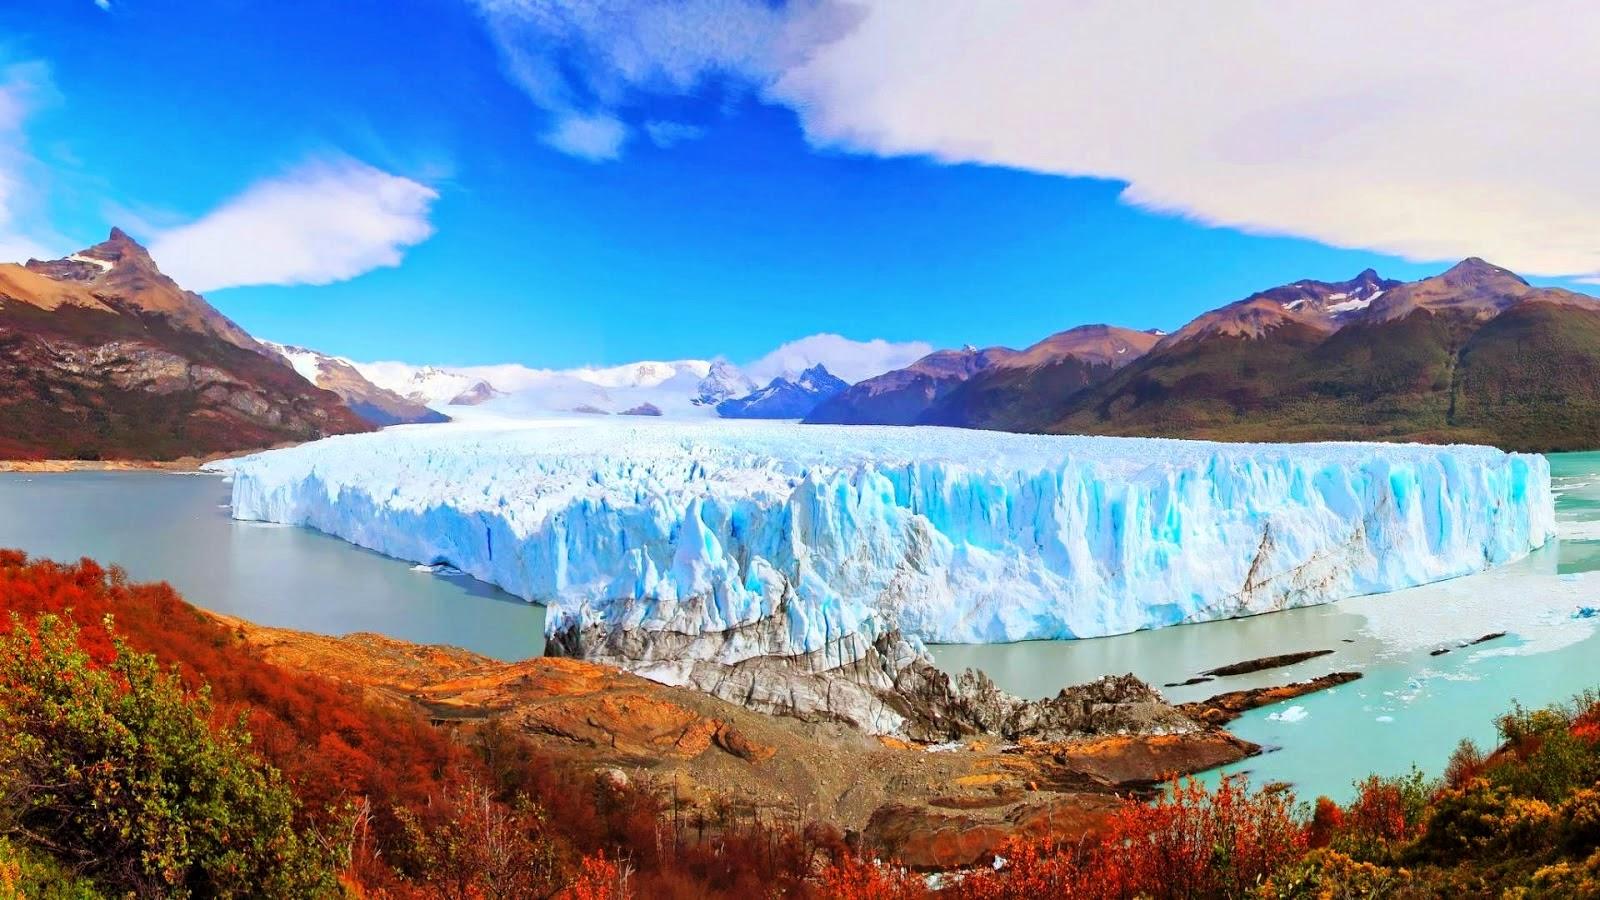 nature-landscapes_hdwallpaper_amazing-perito-moreno-glacier-argentina_12720 (1)